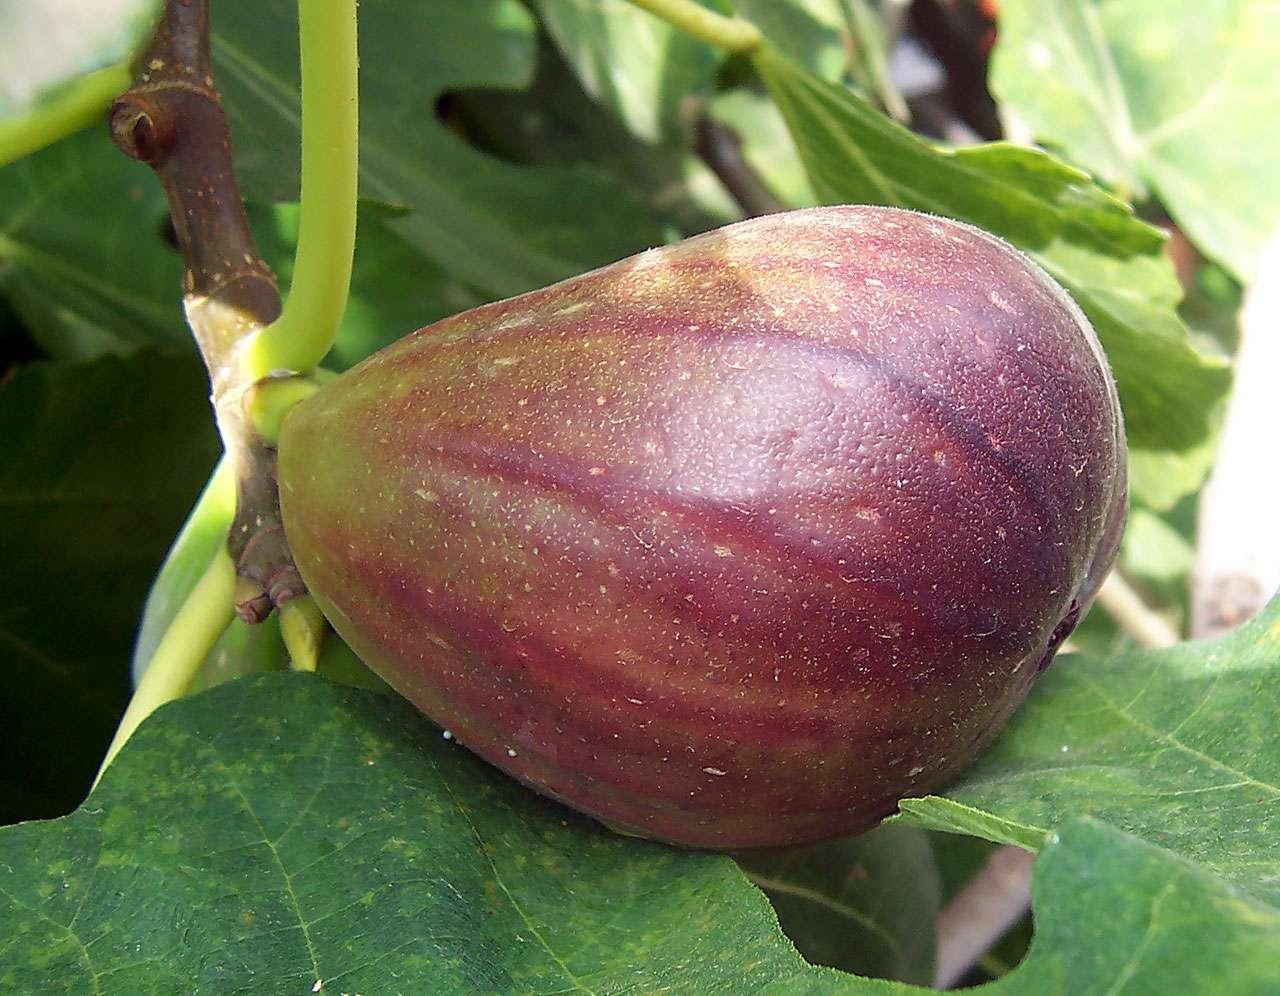 La figue est un fruit typiquement méditerranéen riche en minéraux. © Wikimedia Commons